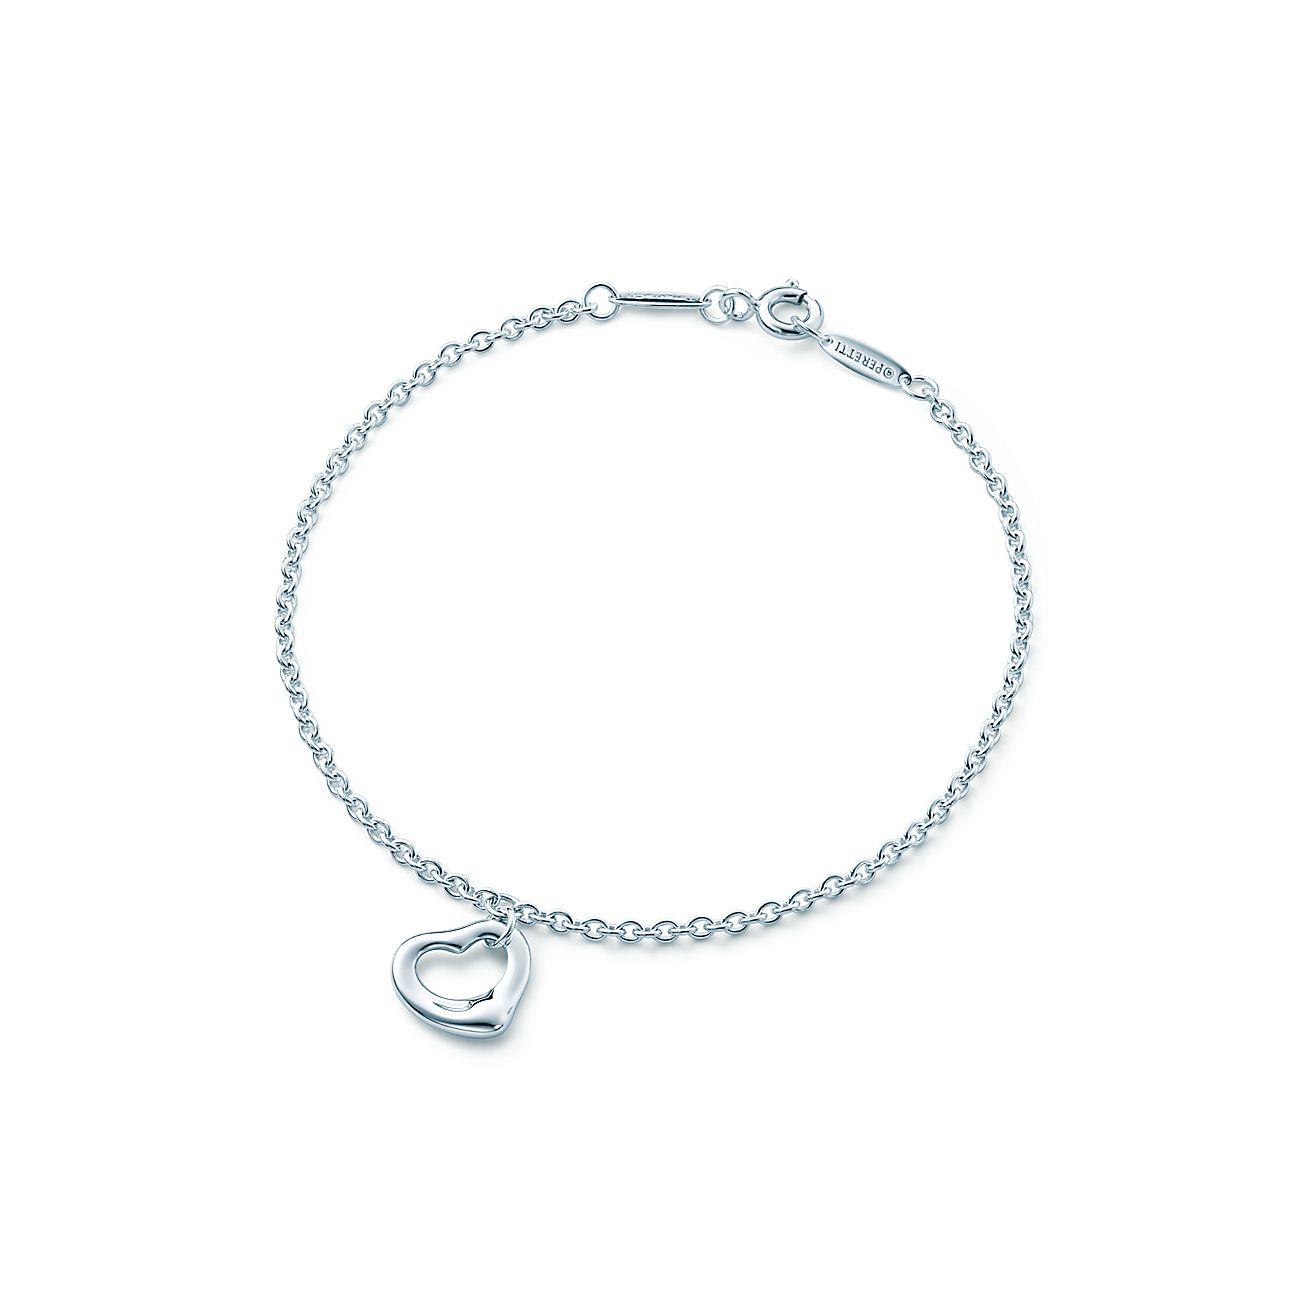 New Elsa Peretti® Open Heart Bracelet In Sterling Silver, Large